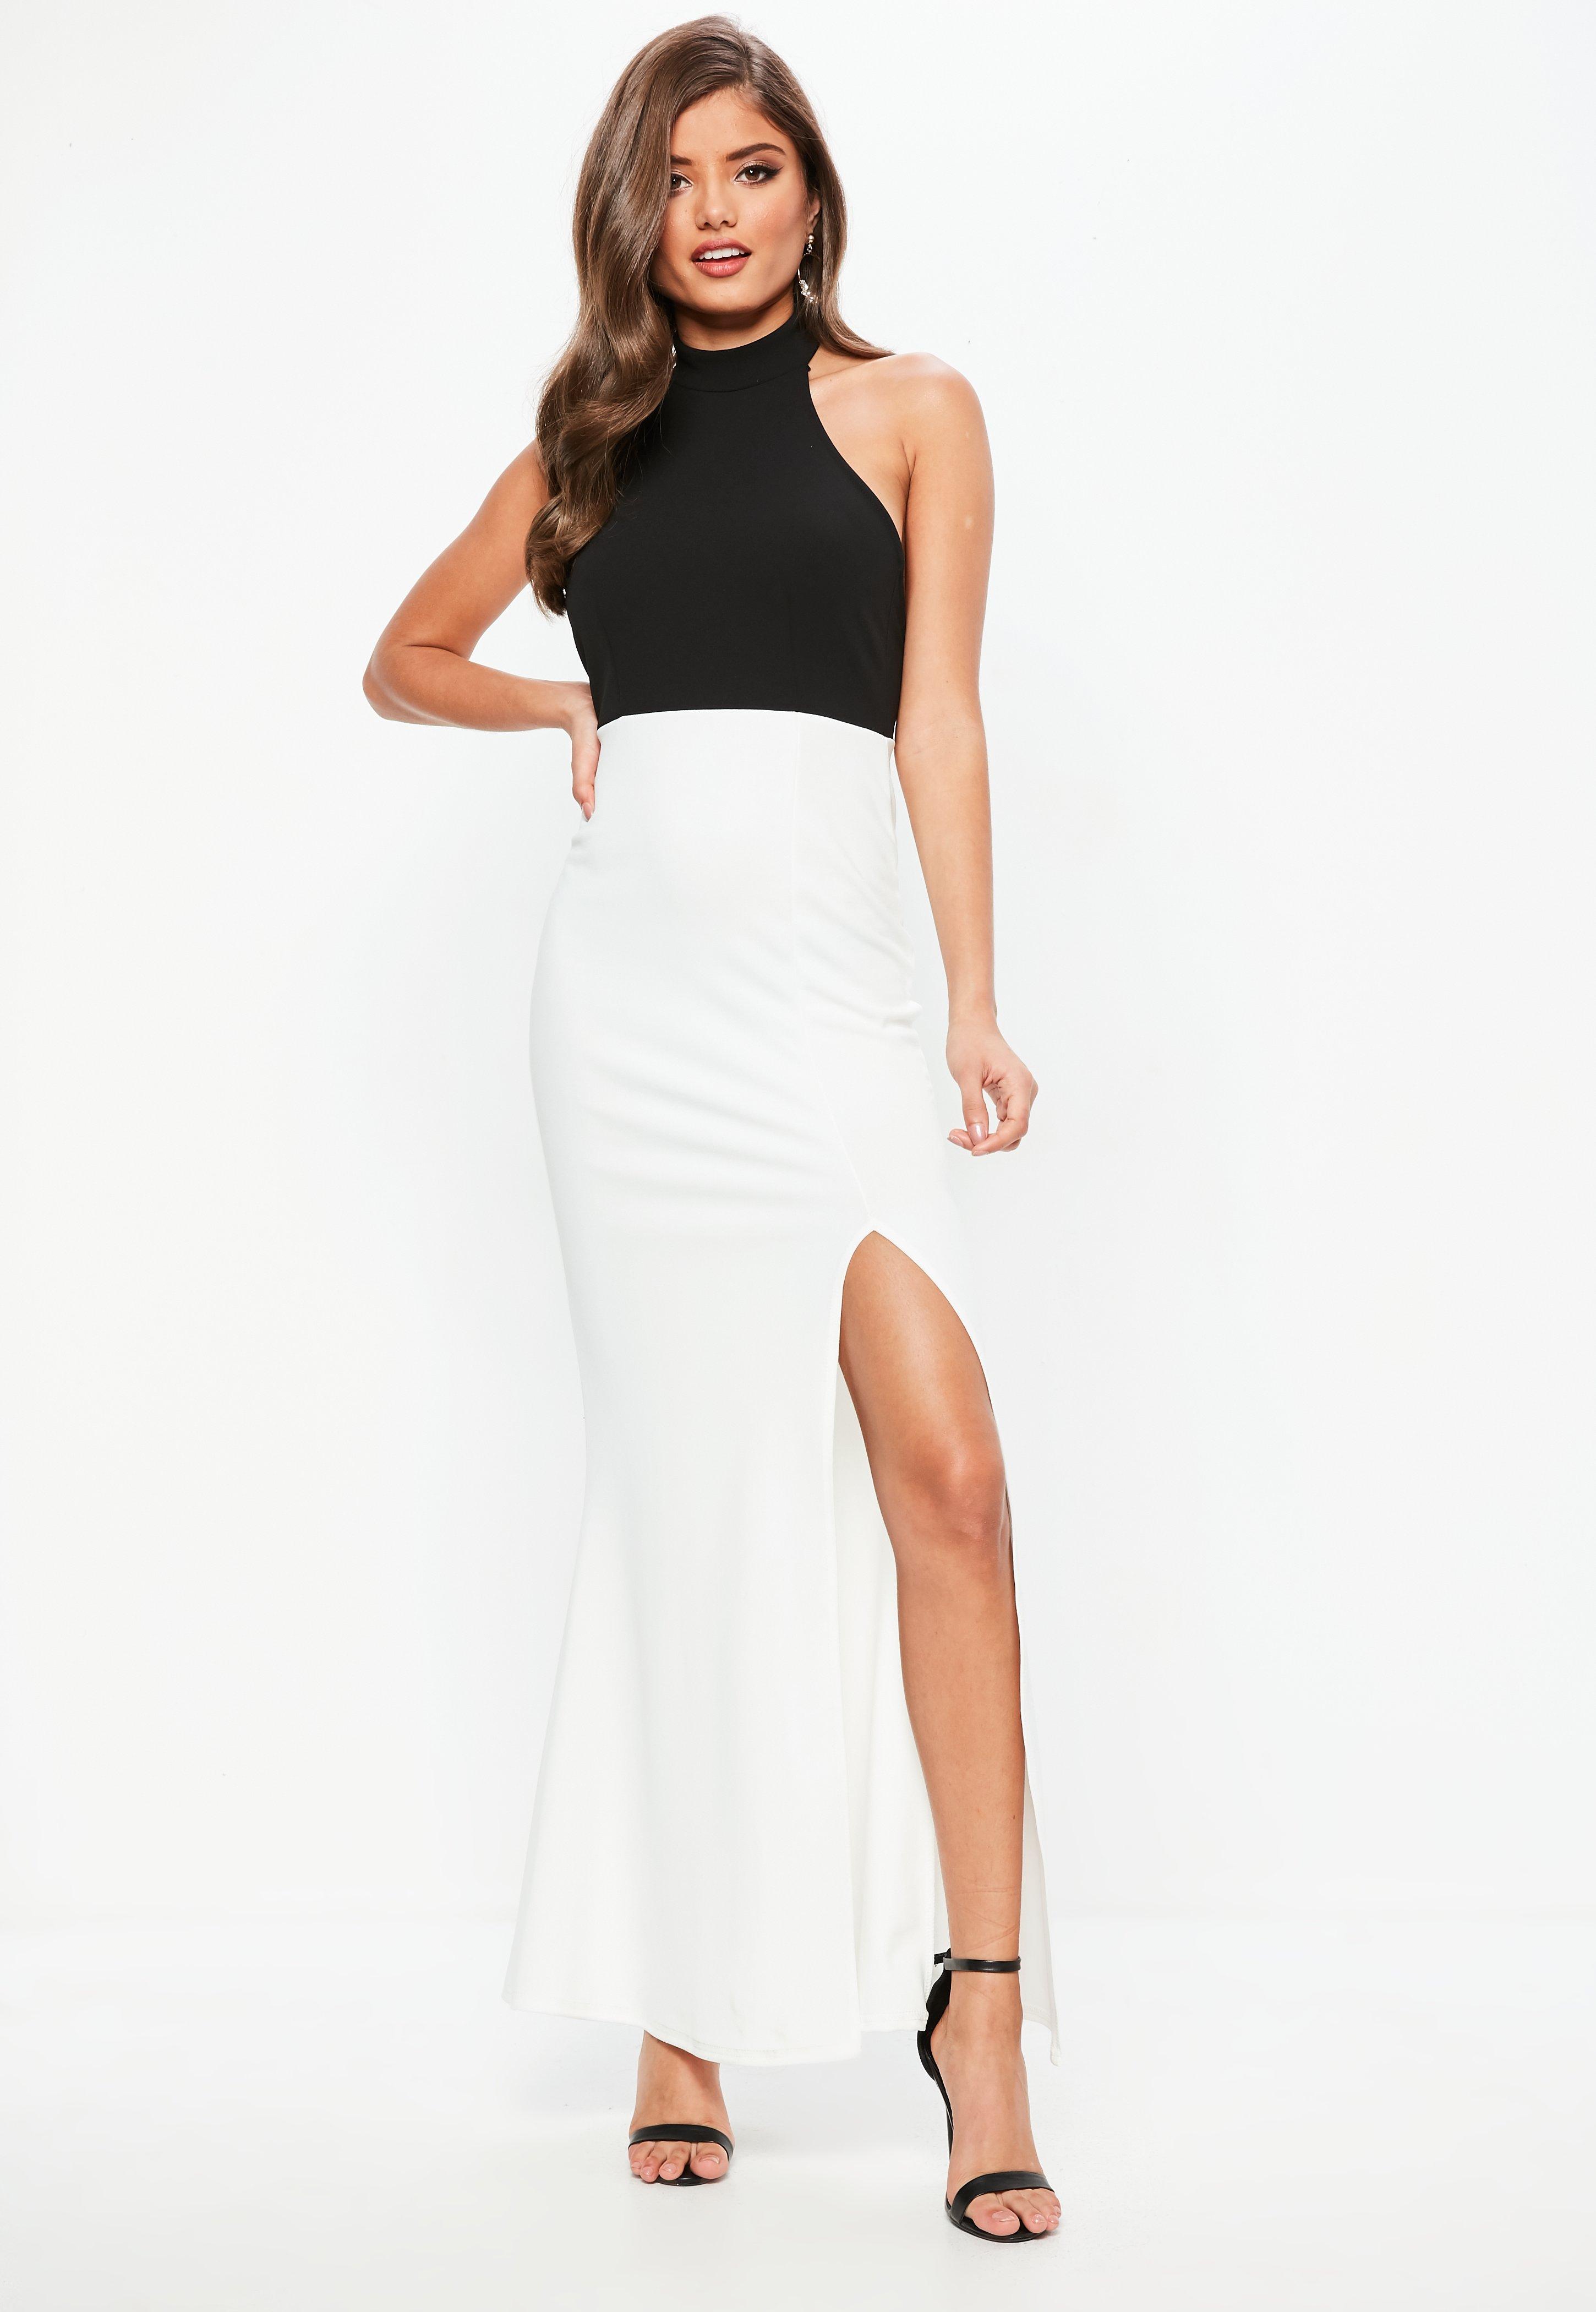 Kleider, Kleidung & Outfits für besondere Anlässe - Missguided DE